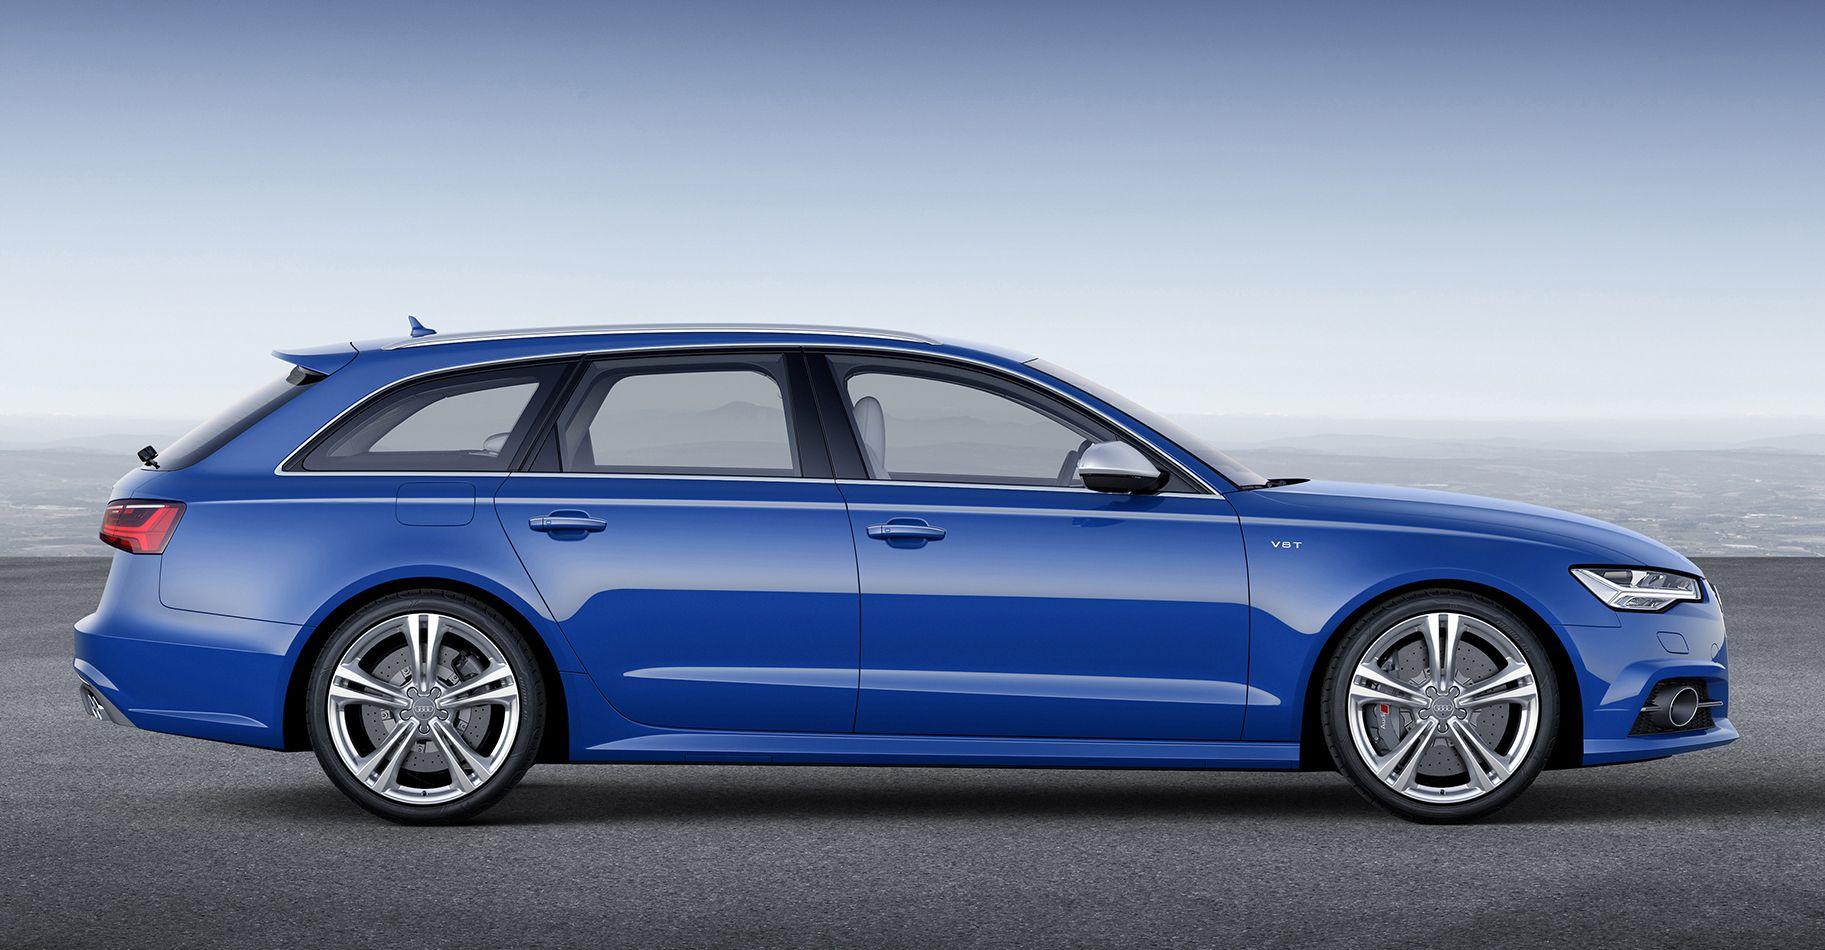 Blauer Audi S6 Avant in Seitenansicht von rechts